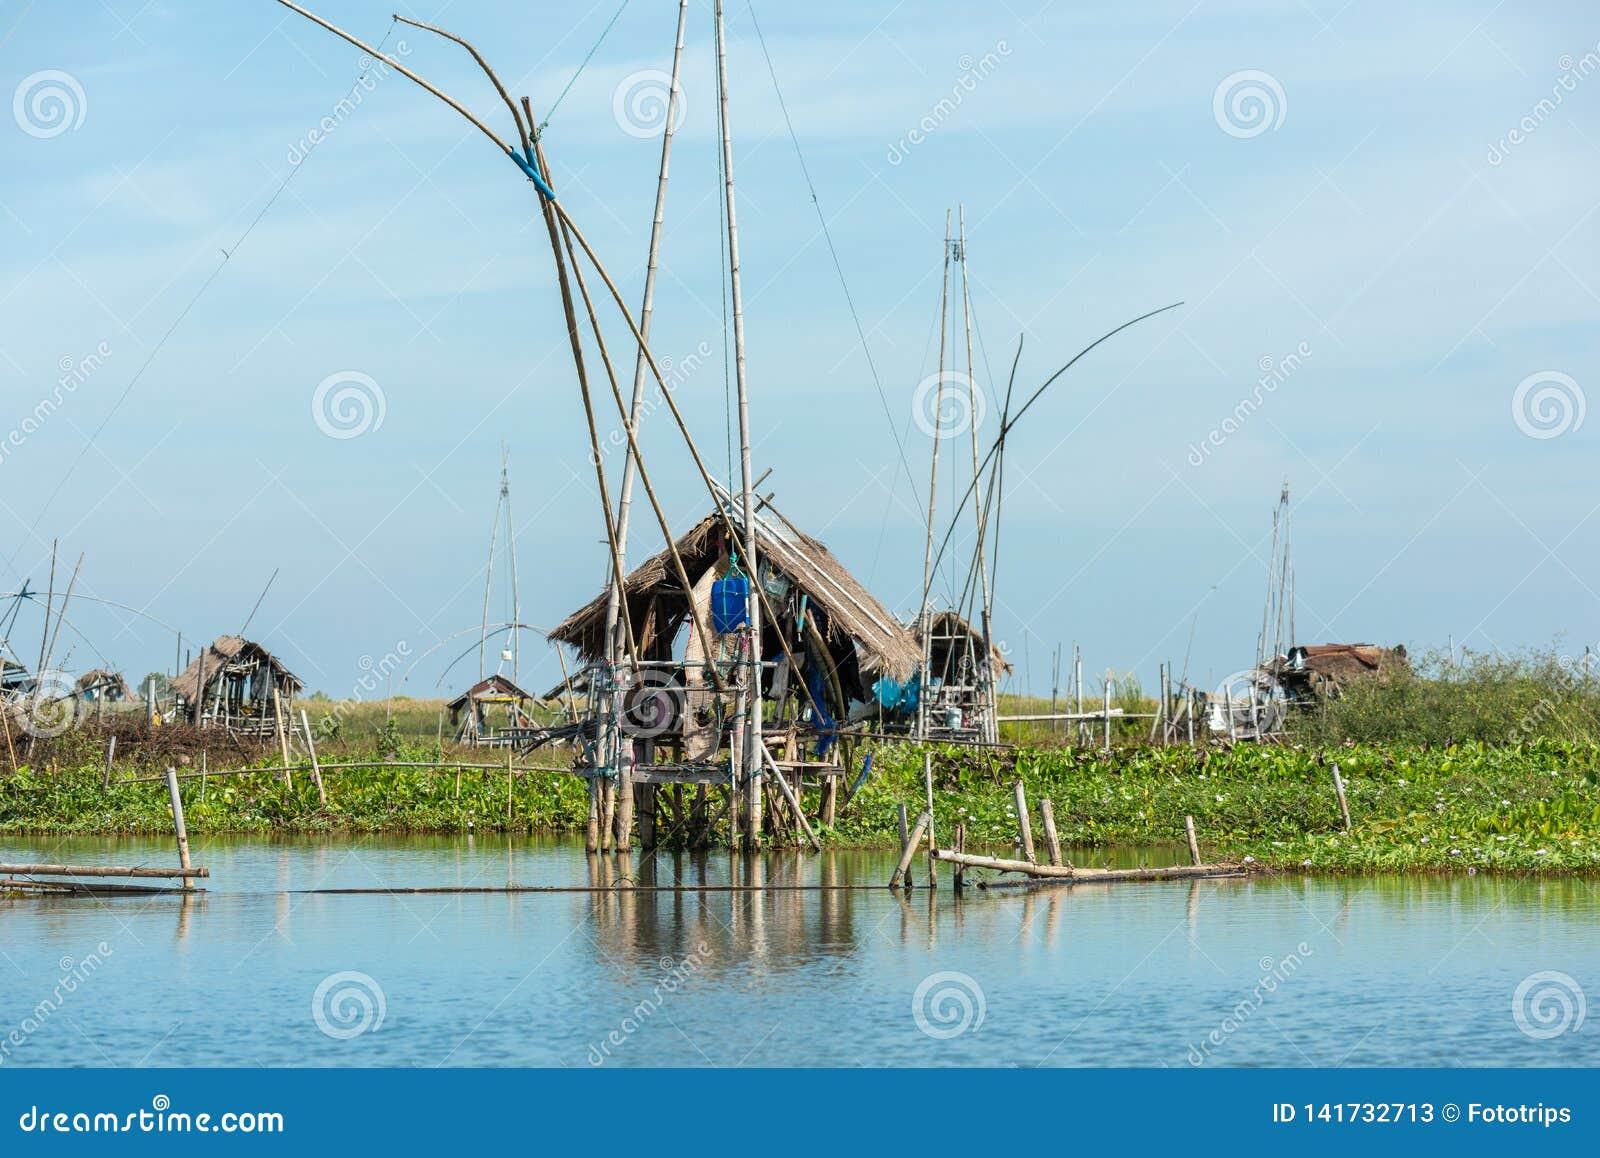 """Χωριό ψαρά στην Ταϊλάνδη με διάφορα εργαλεία αλιείας αποκαλούμενα """"Yok Yor """", παραδοσιακά εργαλεία αλιείας της Ταϊλάνδης που έκαν"""